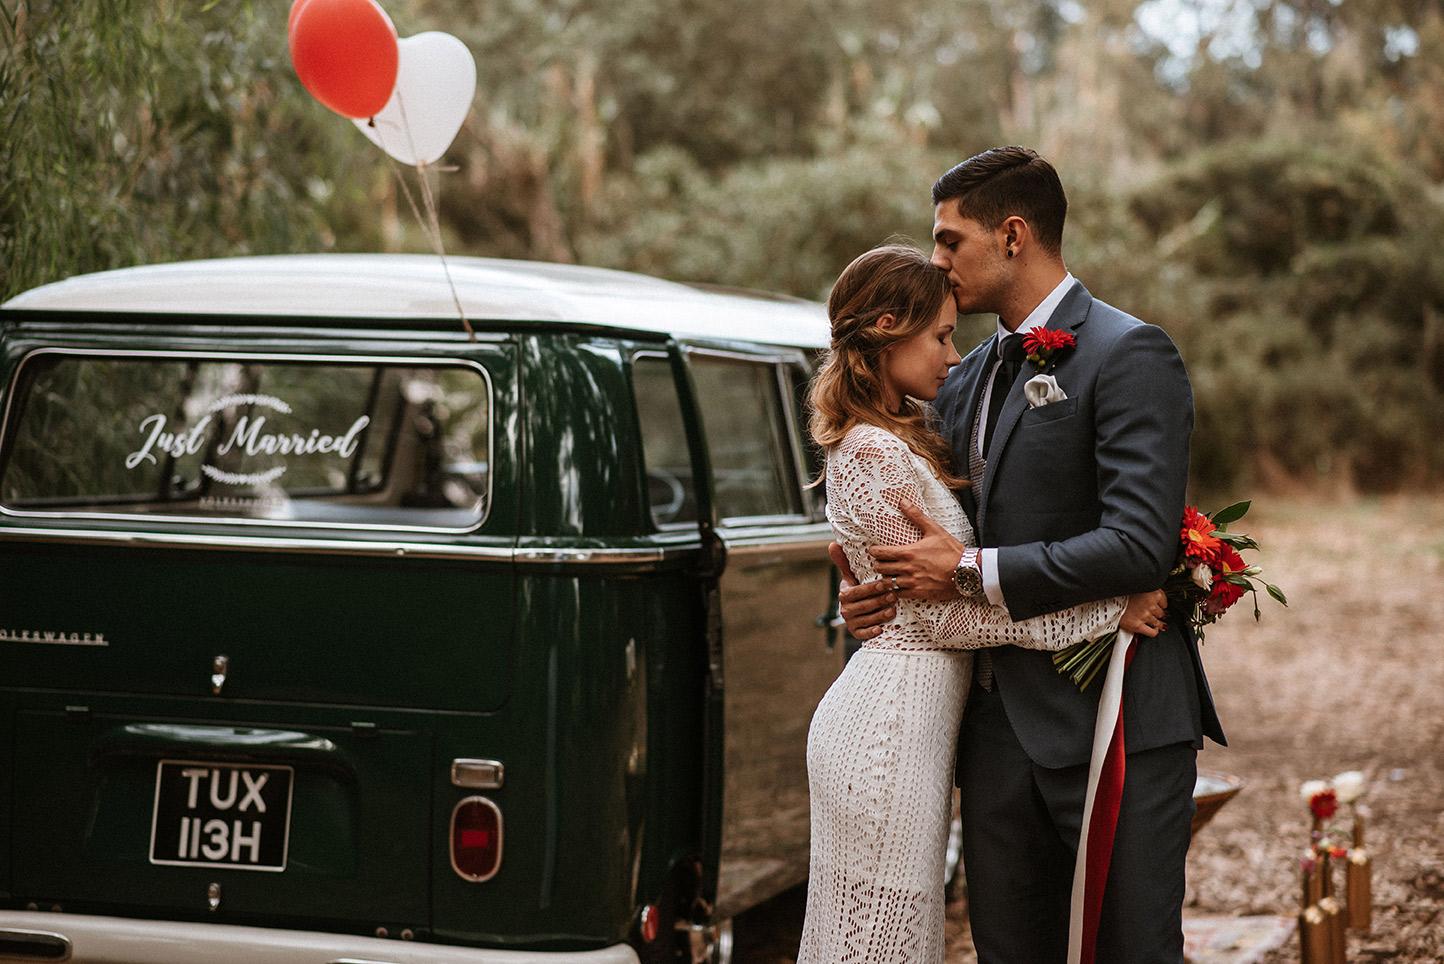 Just married Volkswagen Kombi